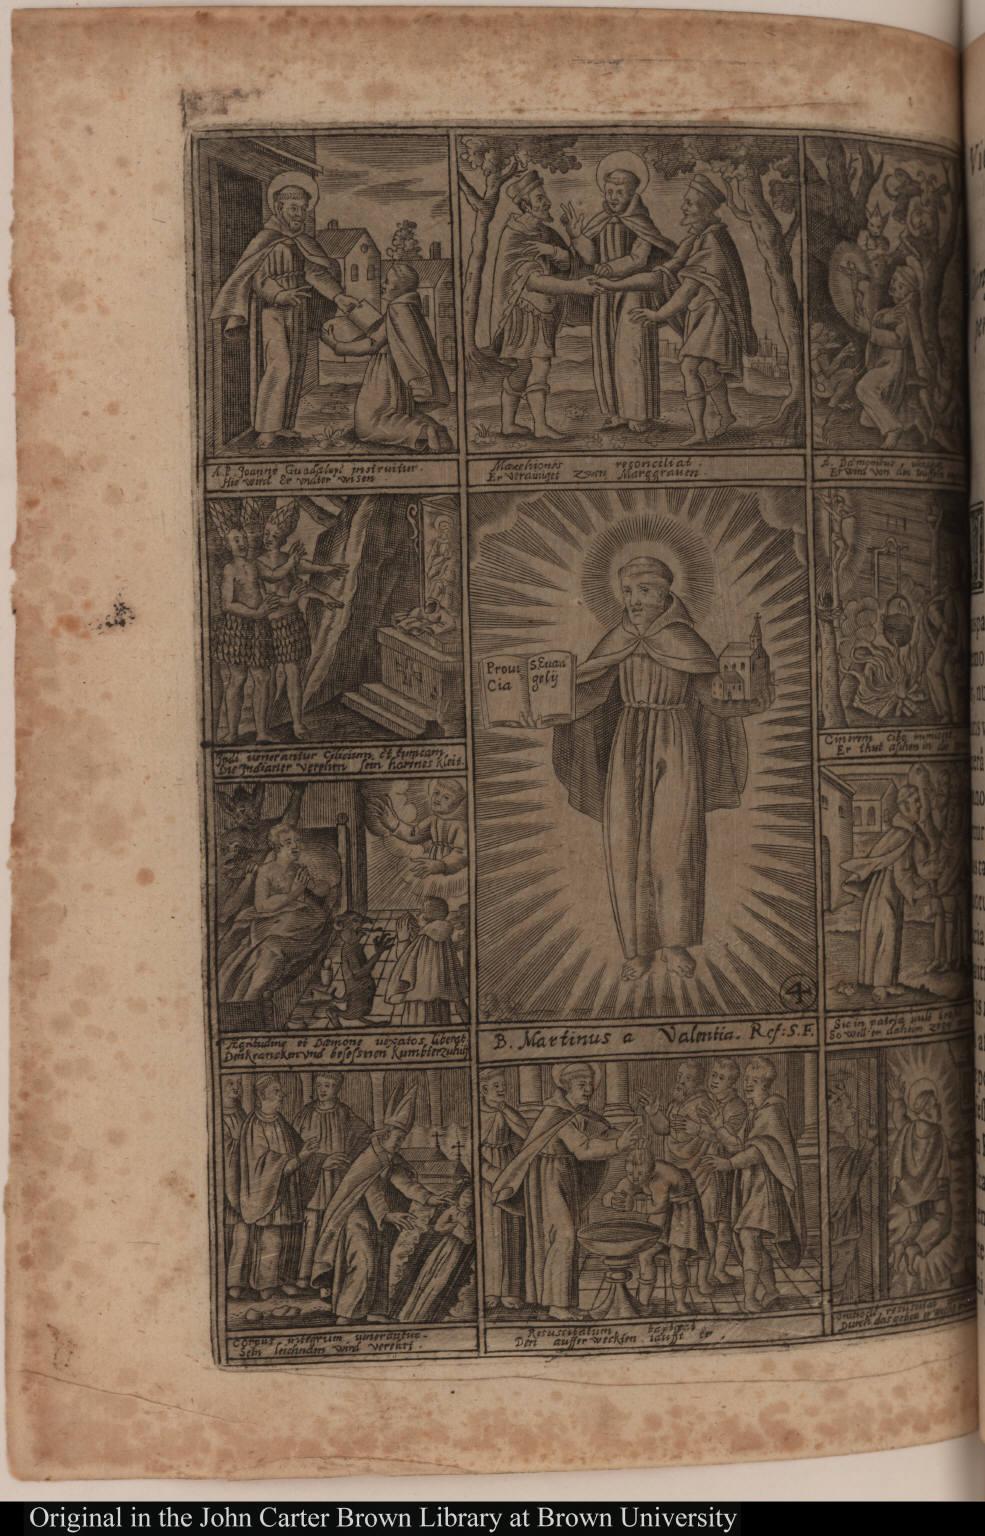 [Vita B. Patris Martini de Valentia Primi Mexicanarum Gentium Apostoli.]